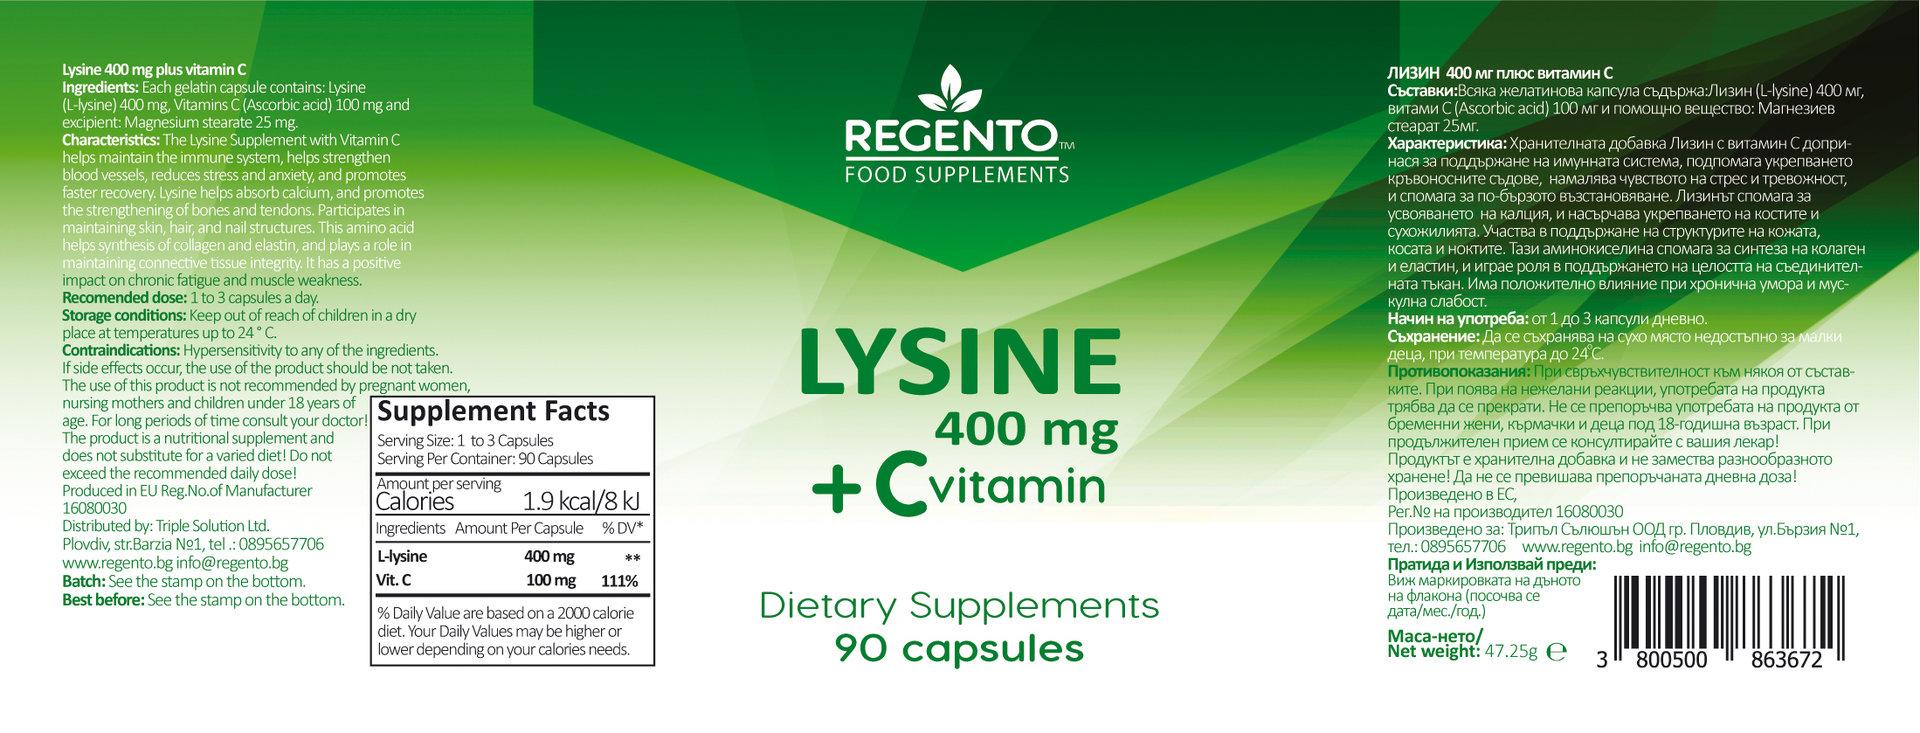 REGENTO LYSINE 400mg +Vit.C 90 capsules